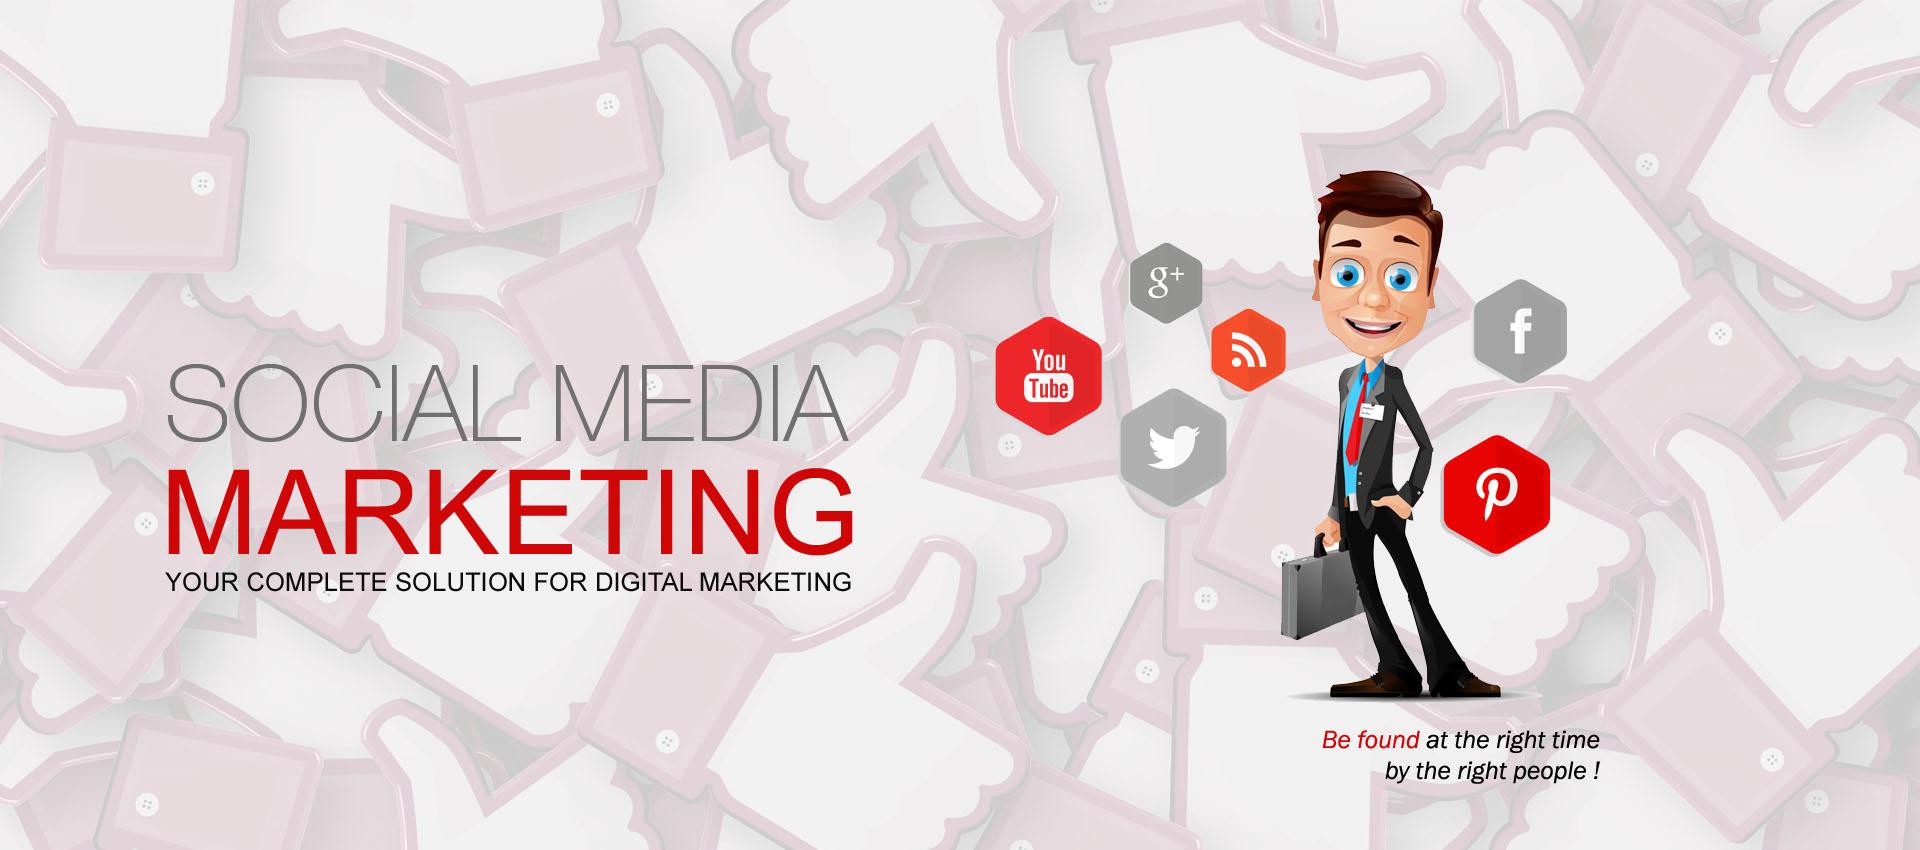 Social media marketing banner copy